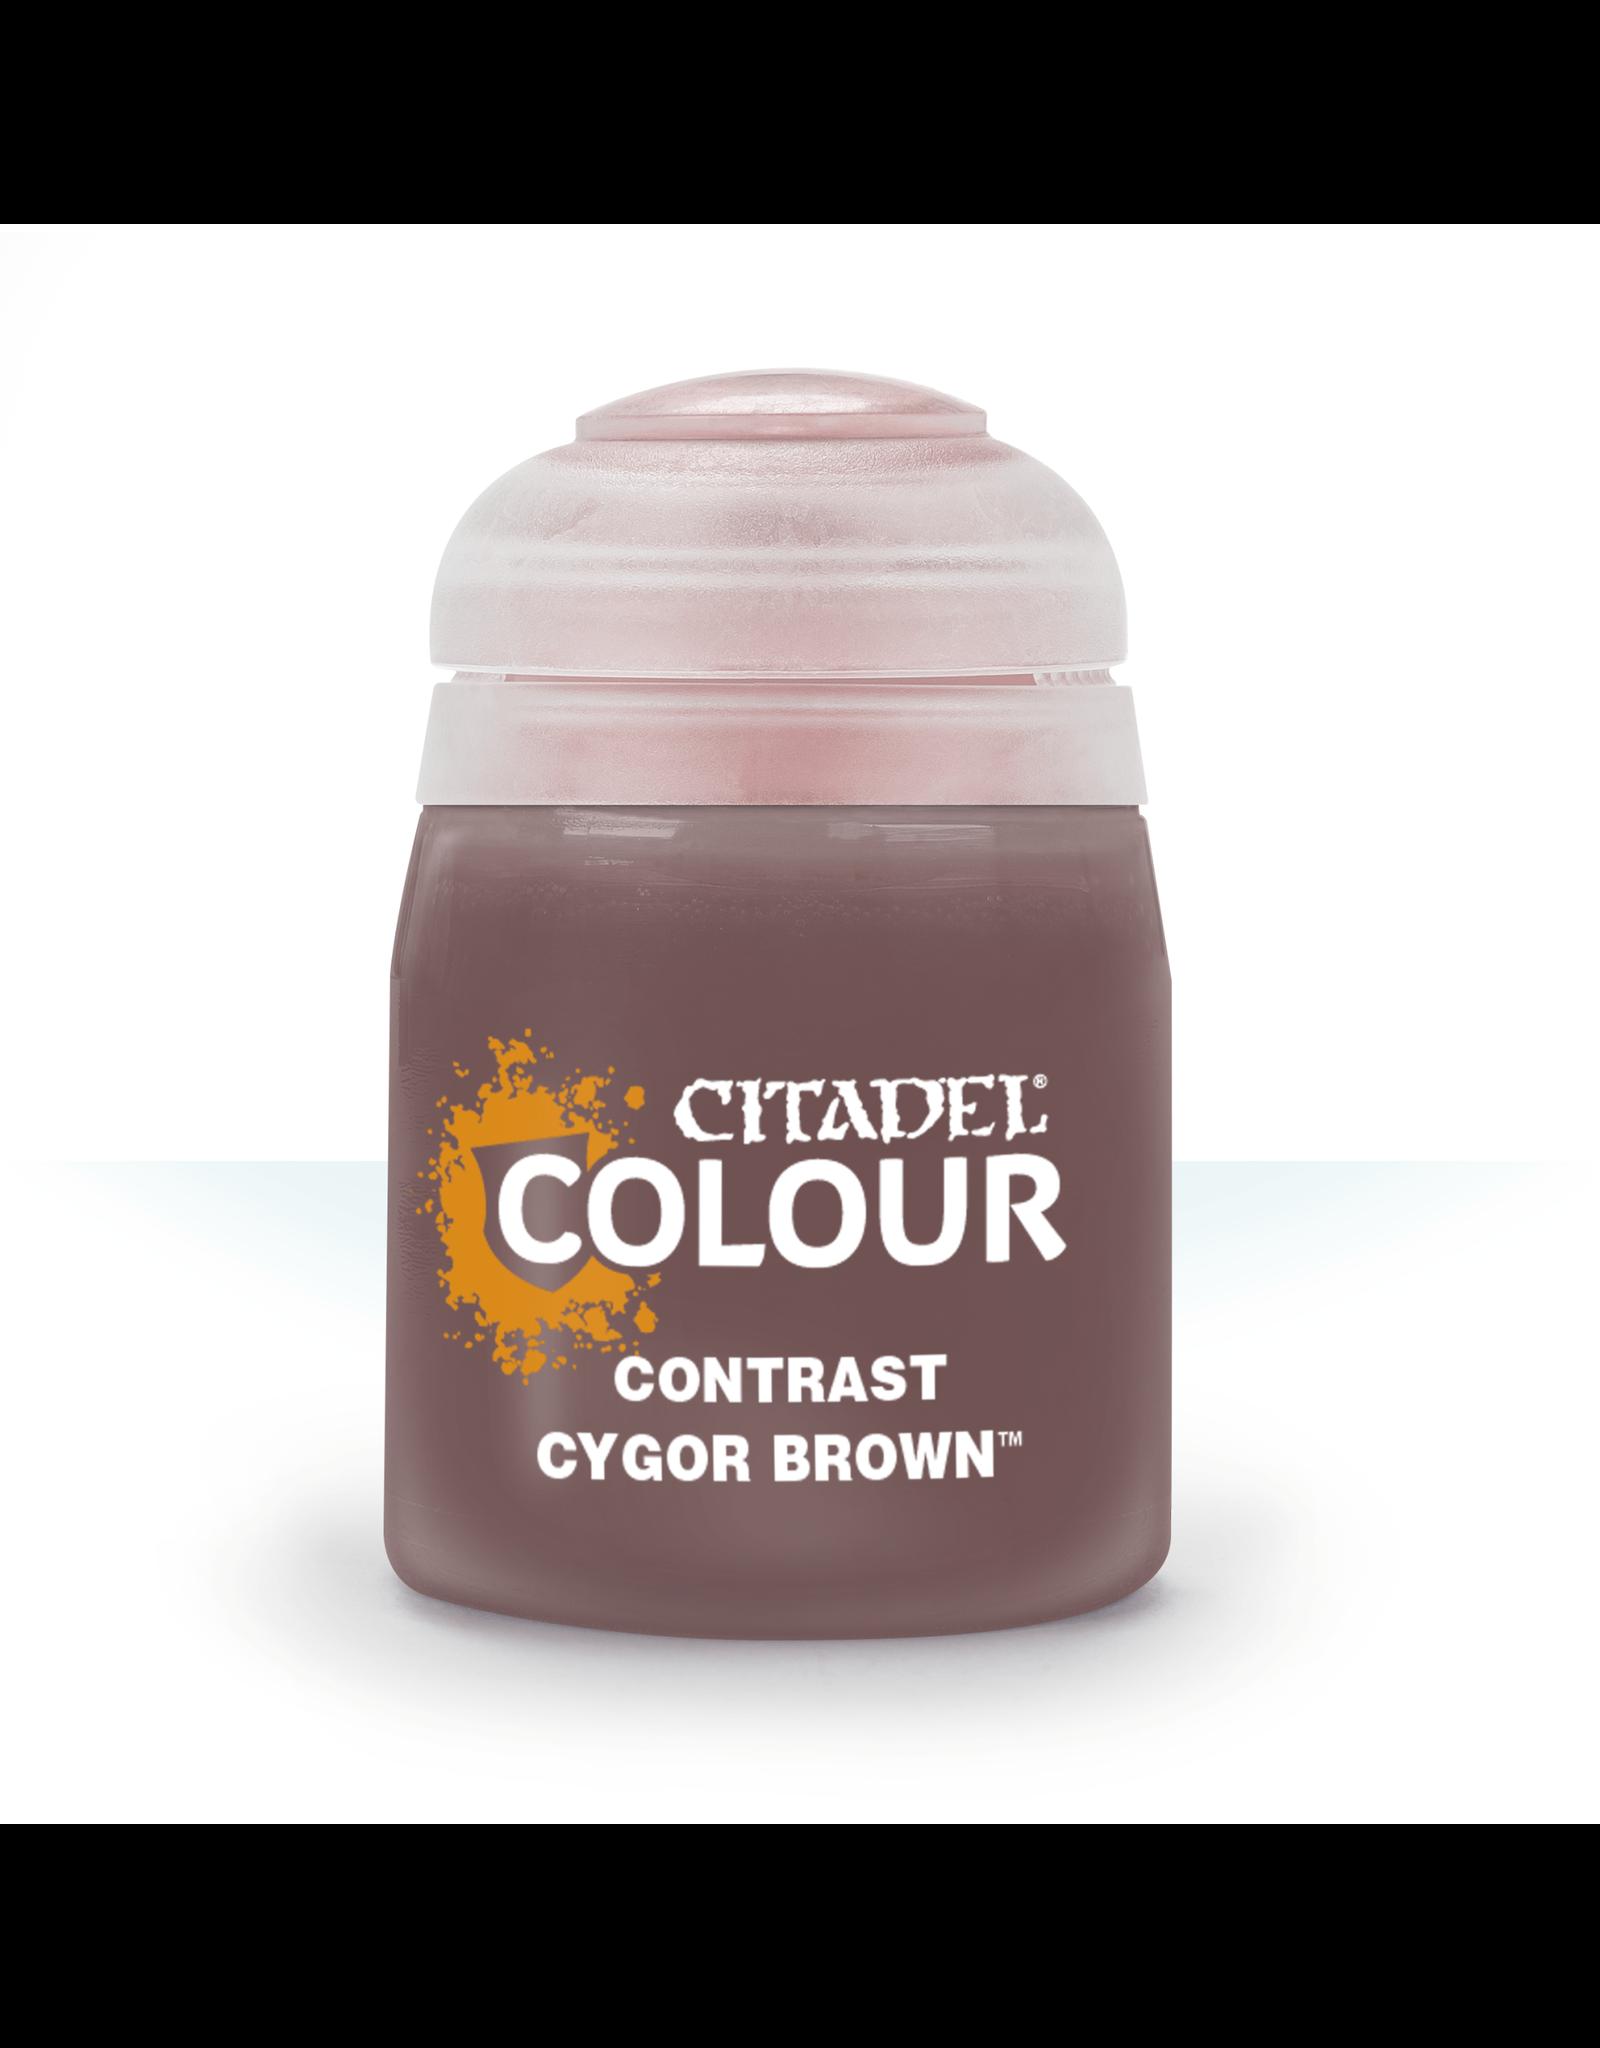 Citadel Cygor Brown